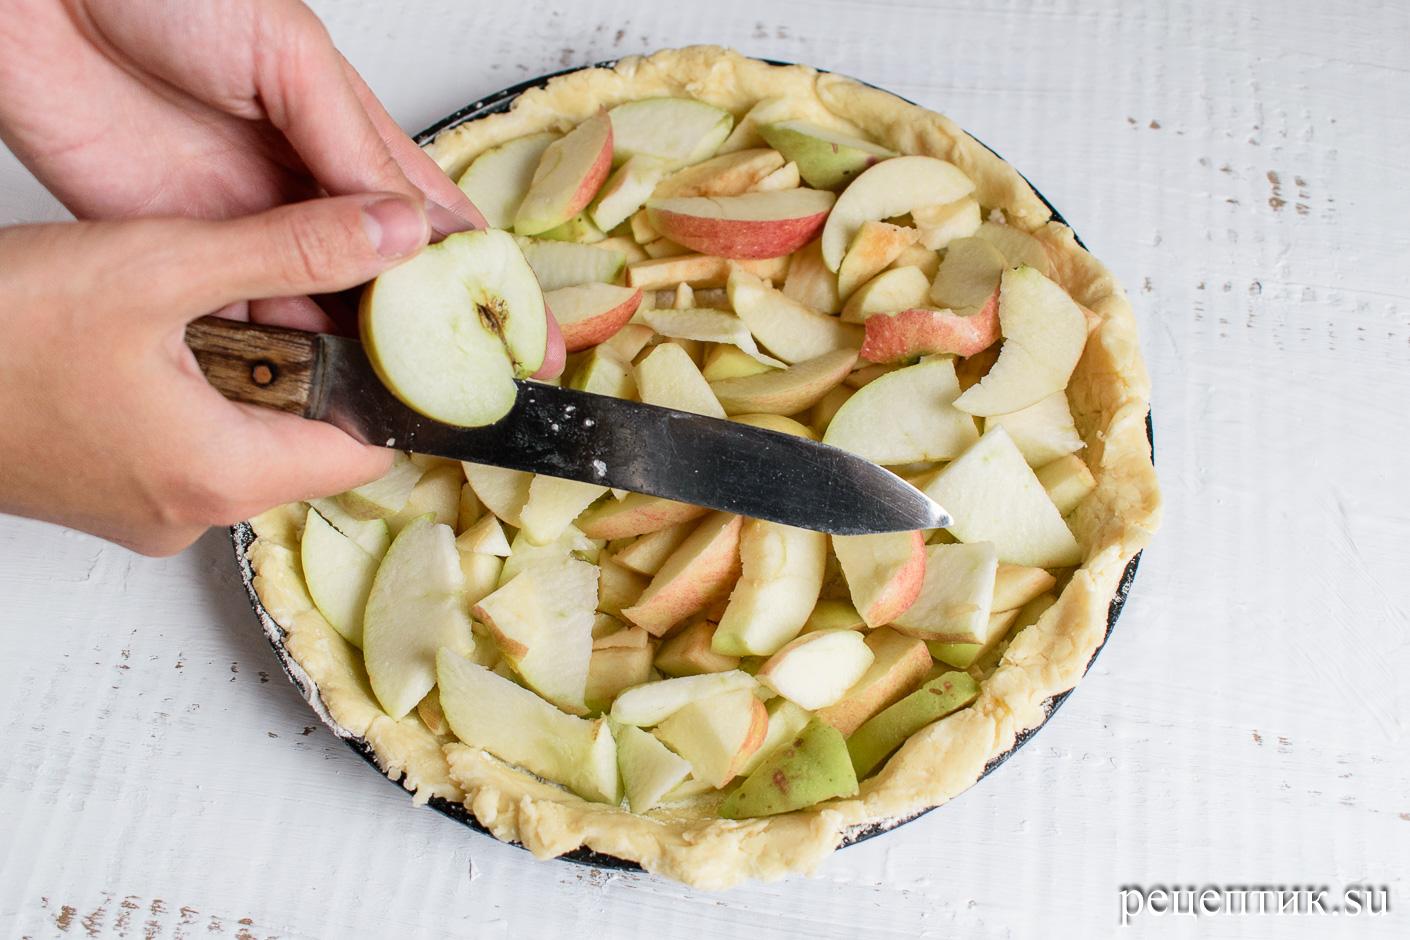 Яблочный пирог с решеткой из песочного теста - рецепт с фото, шаг 6